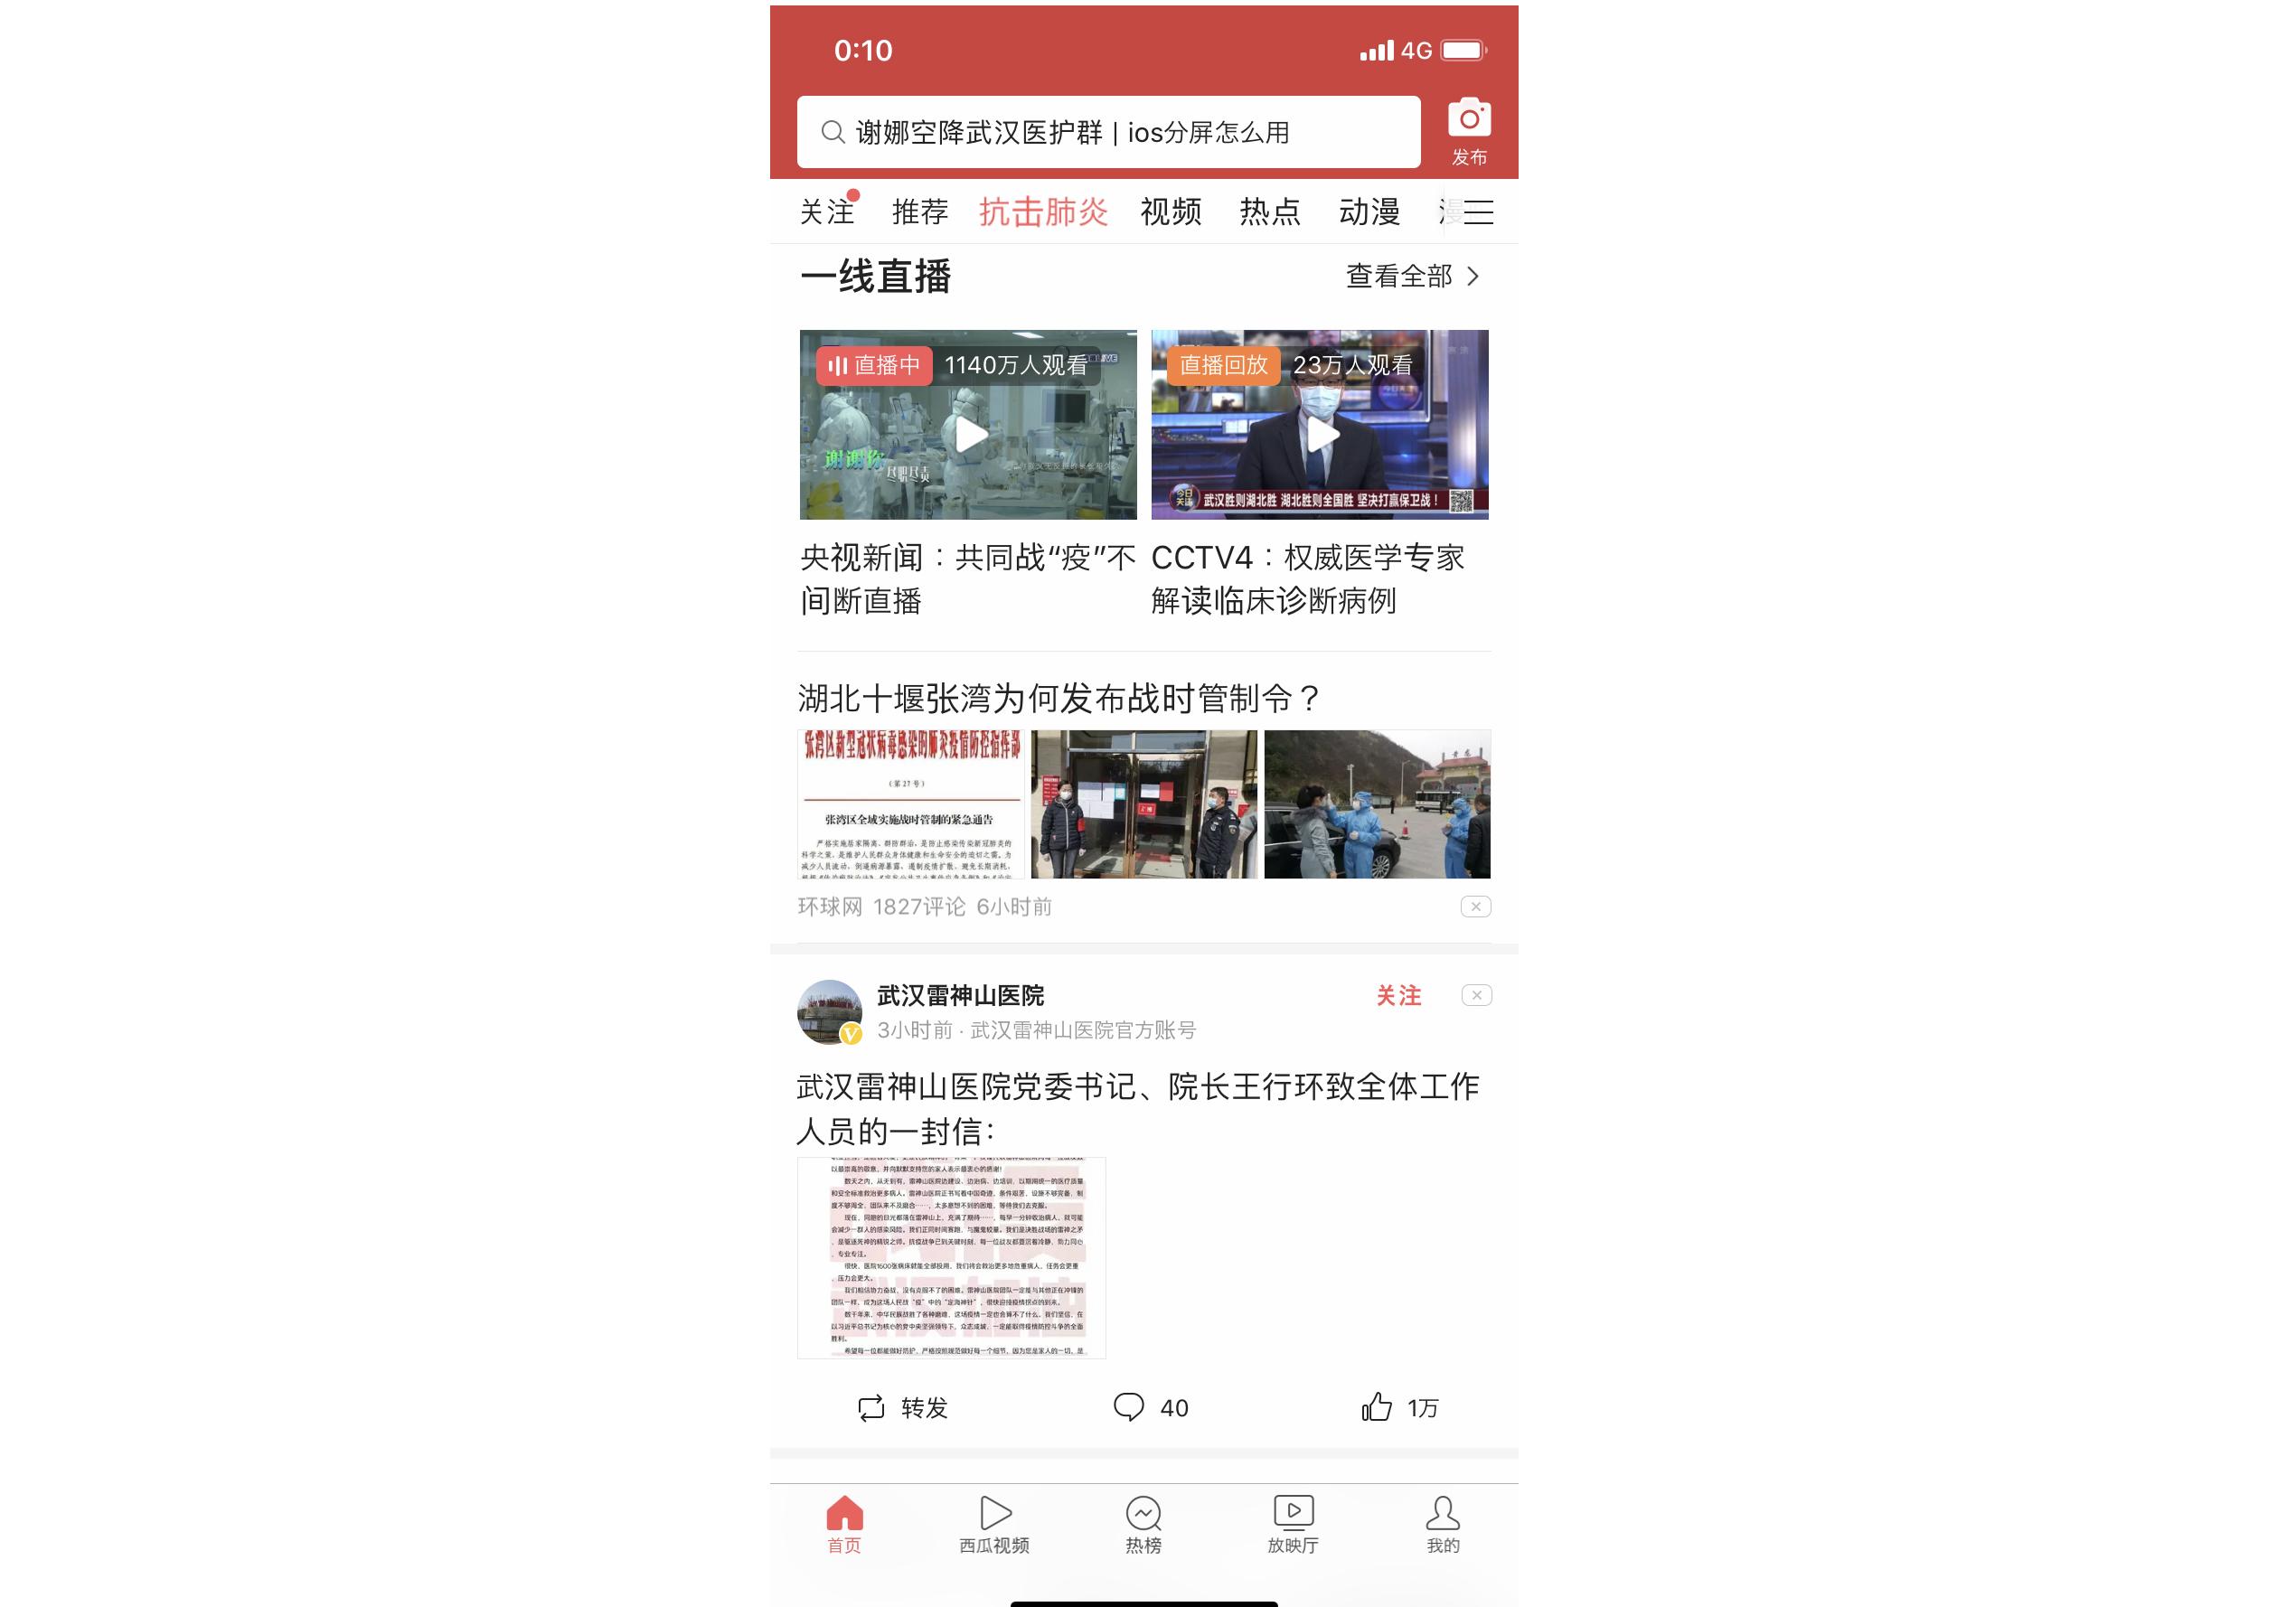 【完了】中国、新型肺炎まとめサイトが驚異的充実…感染者の人権無視、所在地や交通経路まで公開の画像2